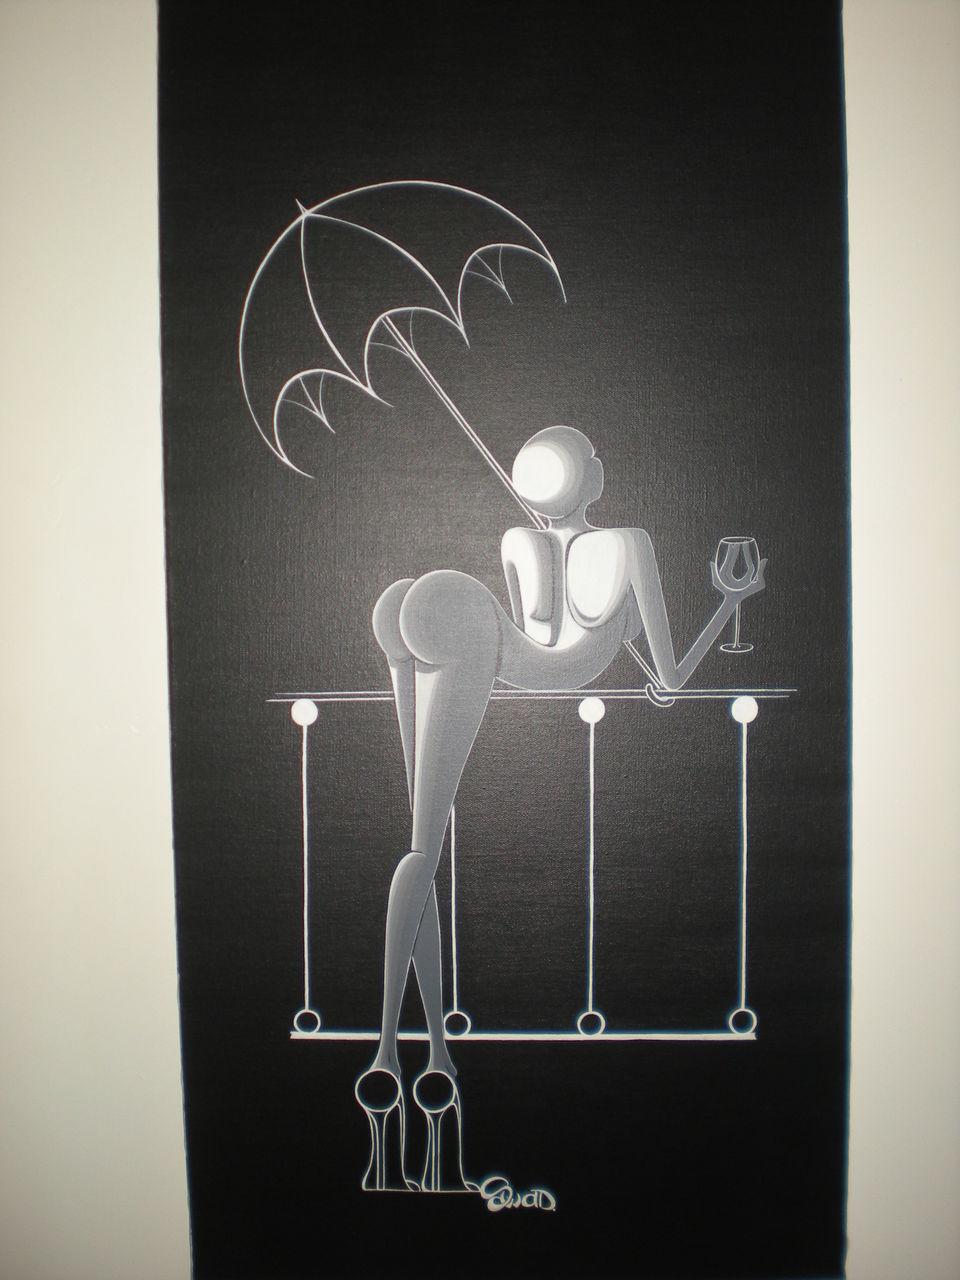 souad halima-rihoum dit SWAD en tant qu'artiste DSCN2443